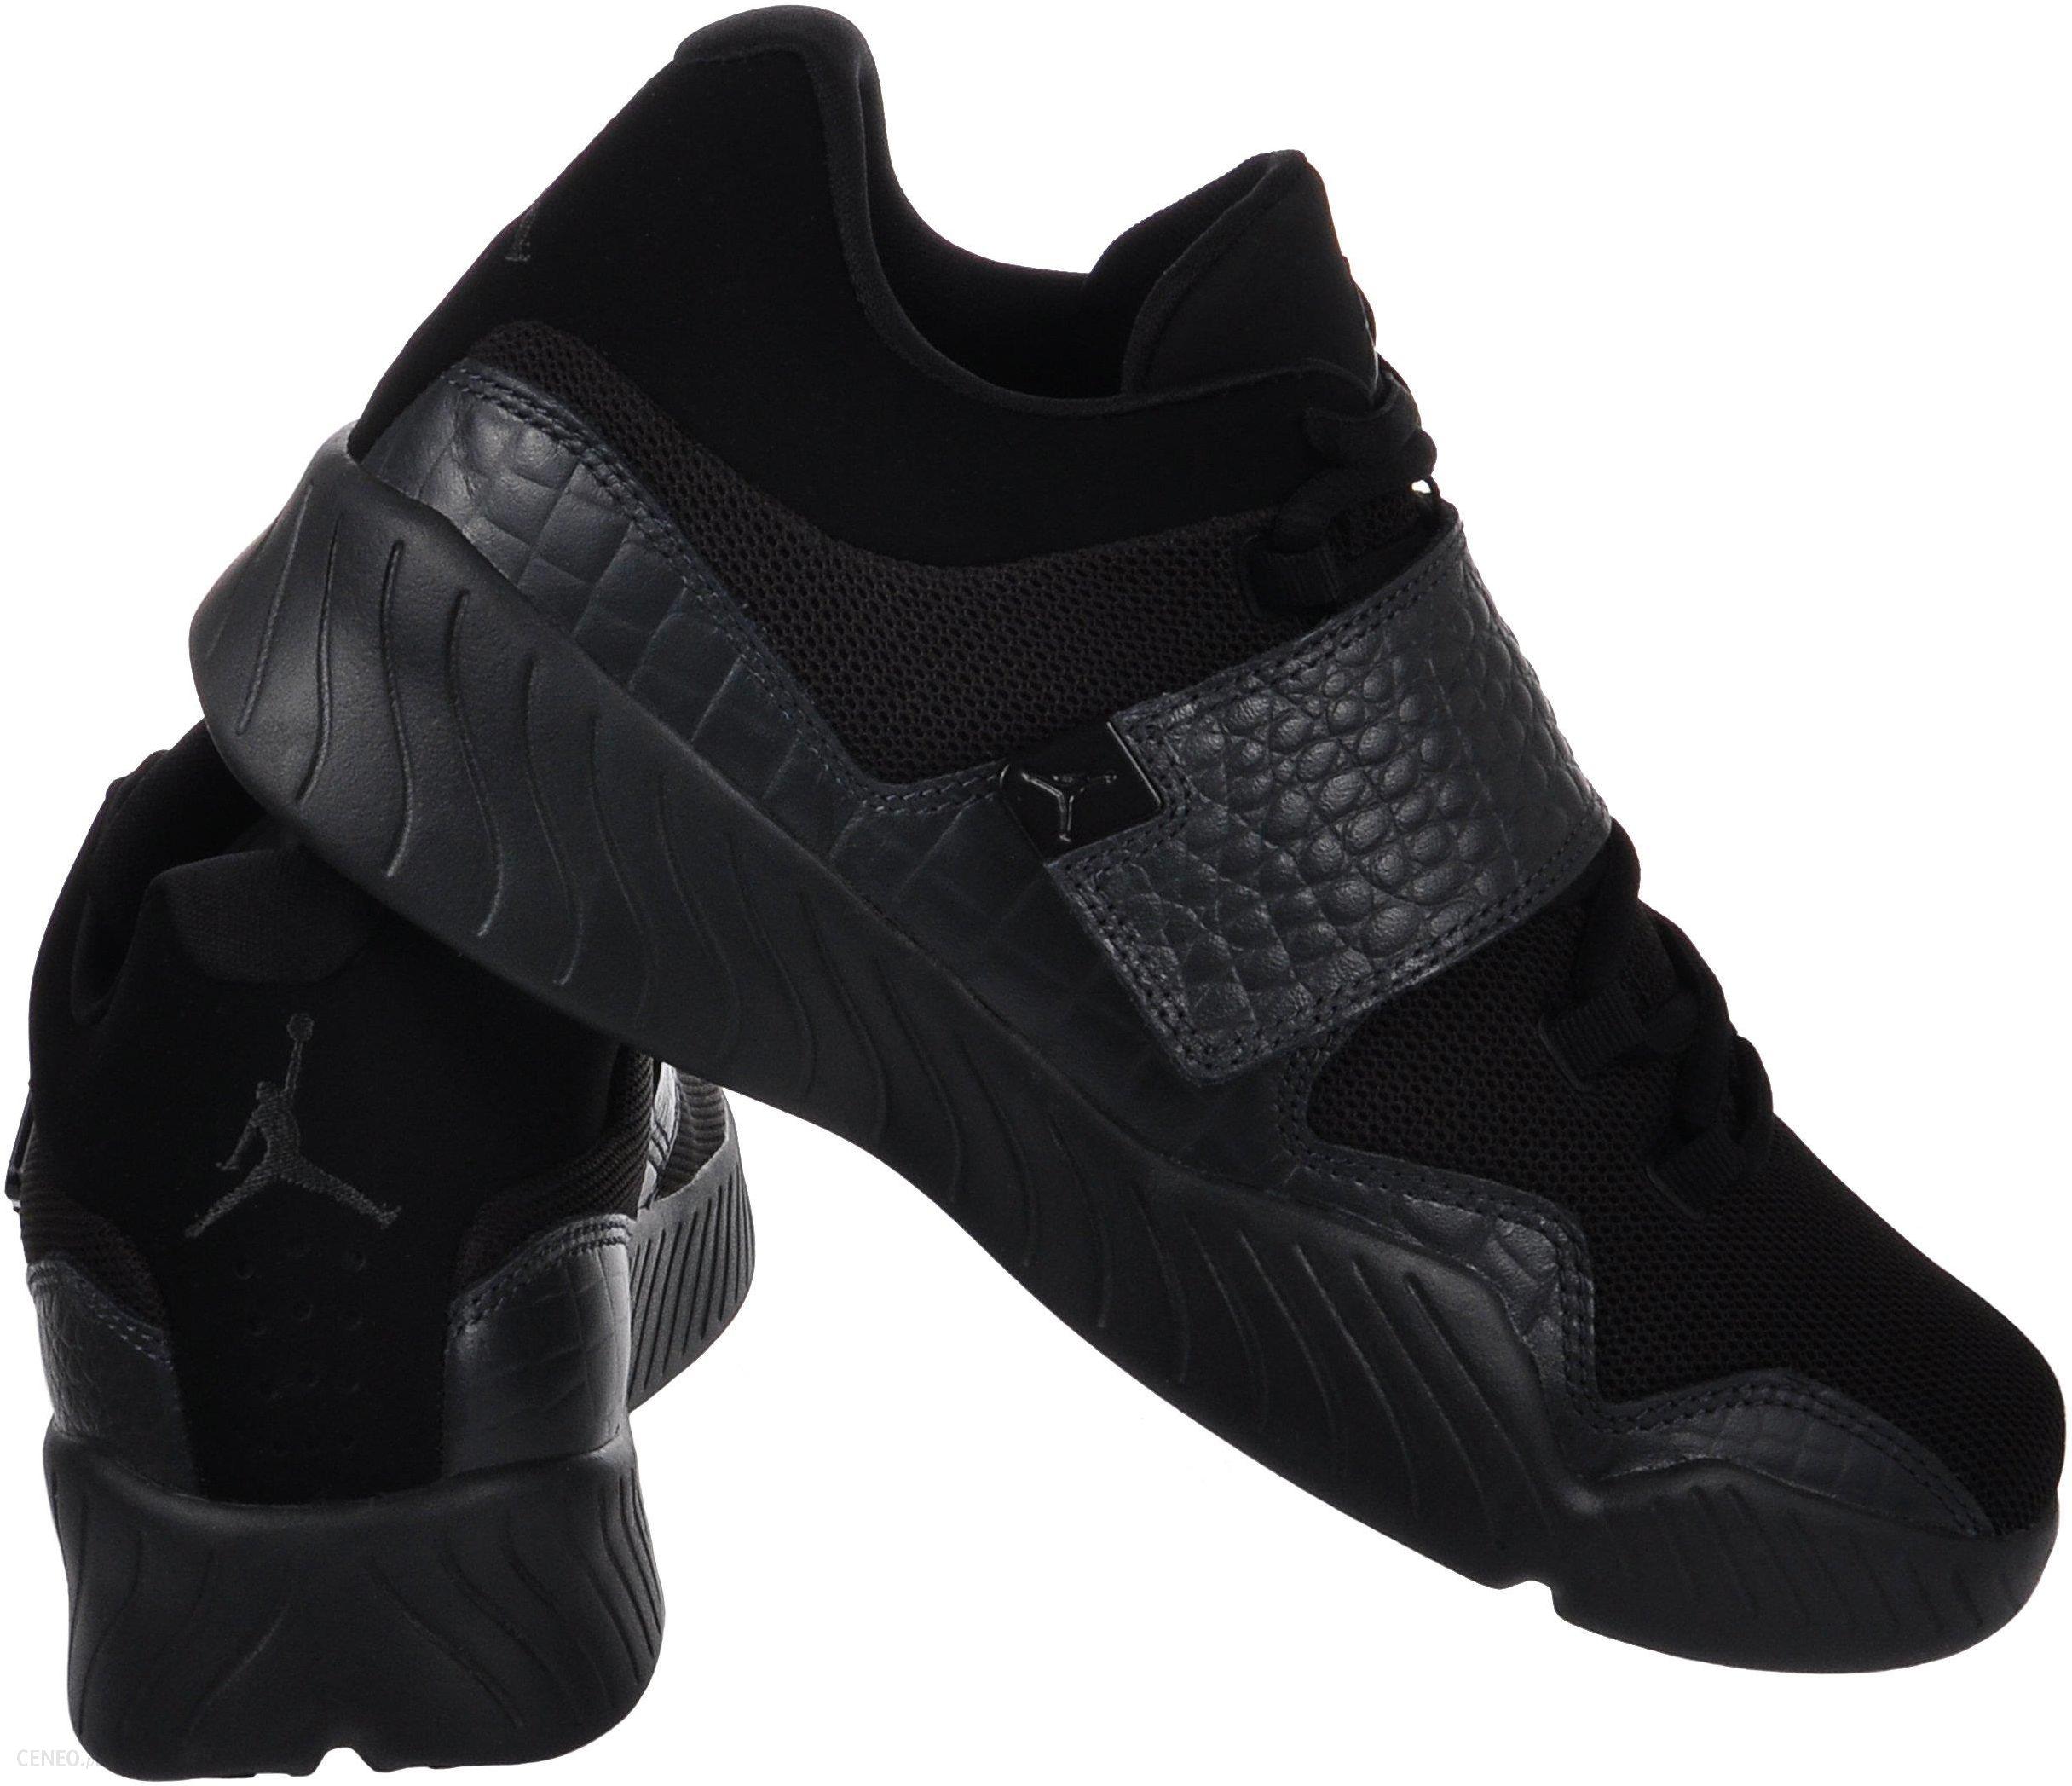 Buty Męskie Nike Jordan J23 854557 011 r.42,5 Ceny i opinie Ceneo.pl